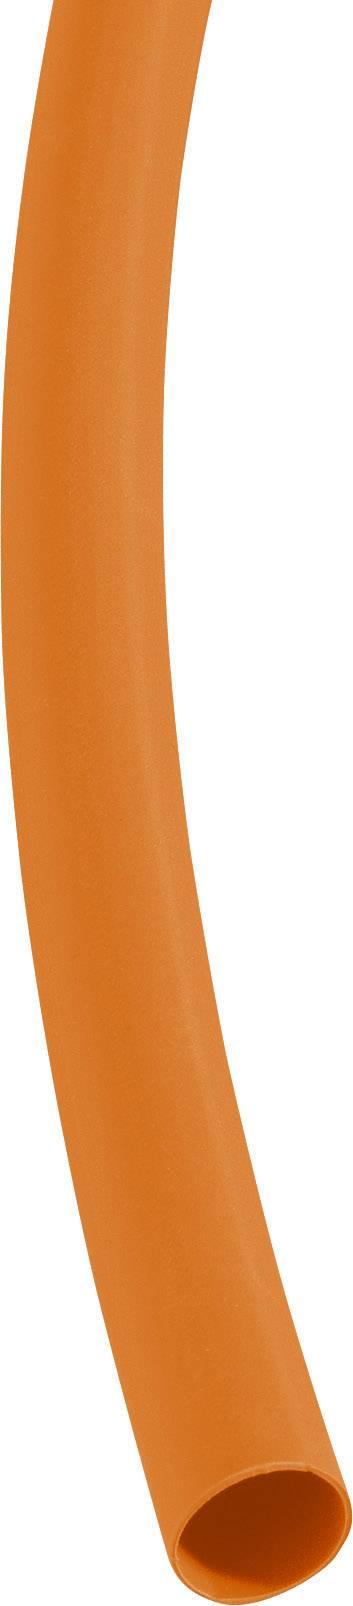 Zmršťovacie bužírky nelepiace DSG Canusa 3290060203, 3:1, 6.40 mm, oranžová, metrový tovar